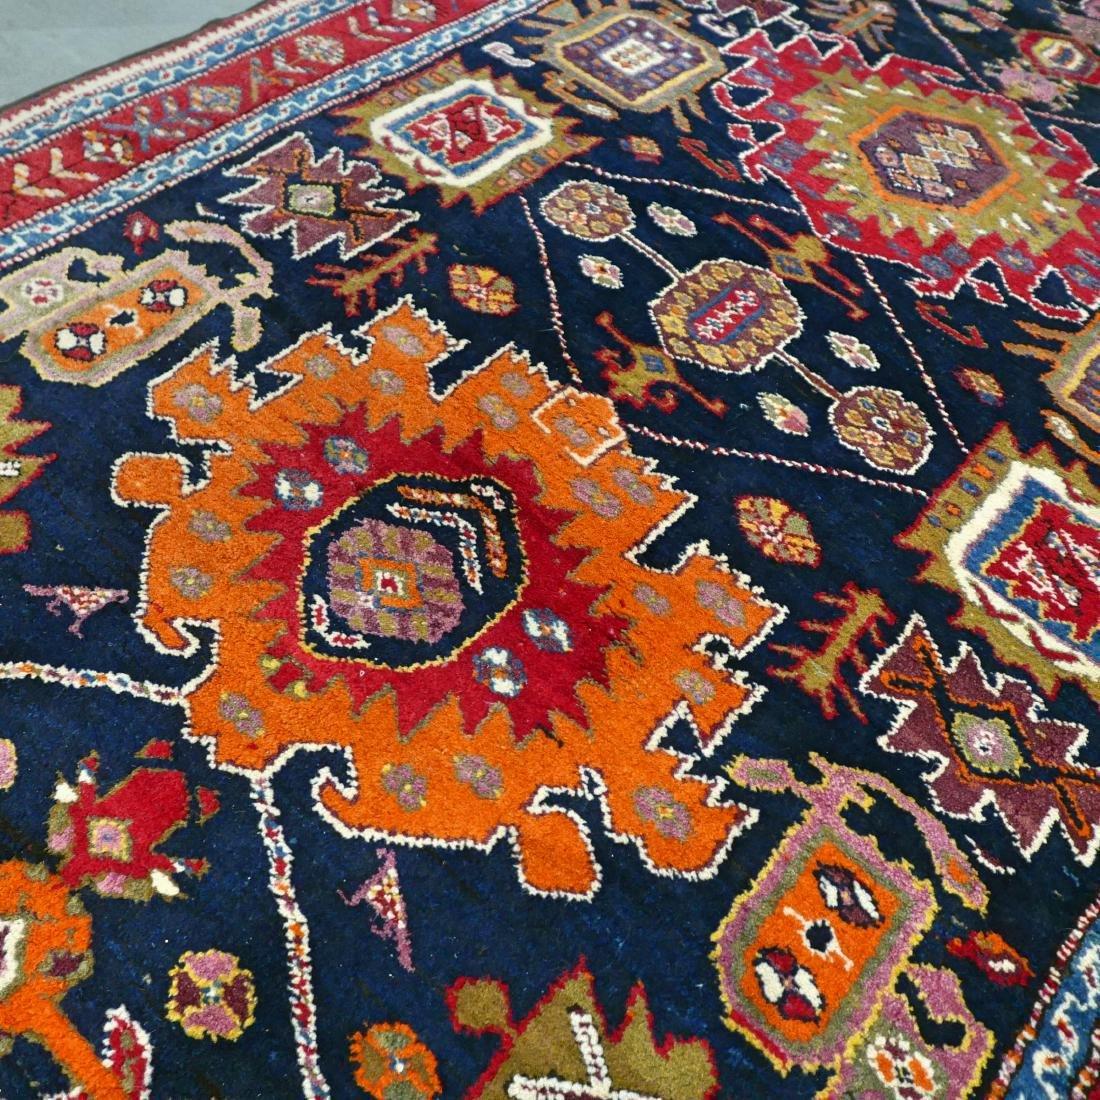 Colorful Unique Design Kazak Runner Rug 11.1x4.6 - 6